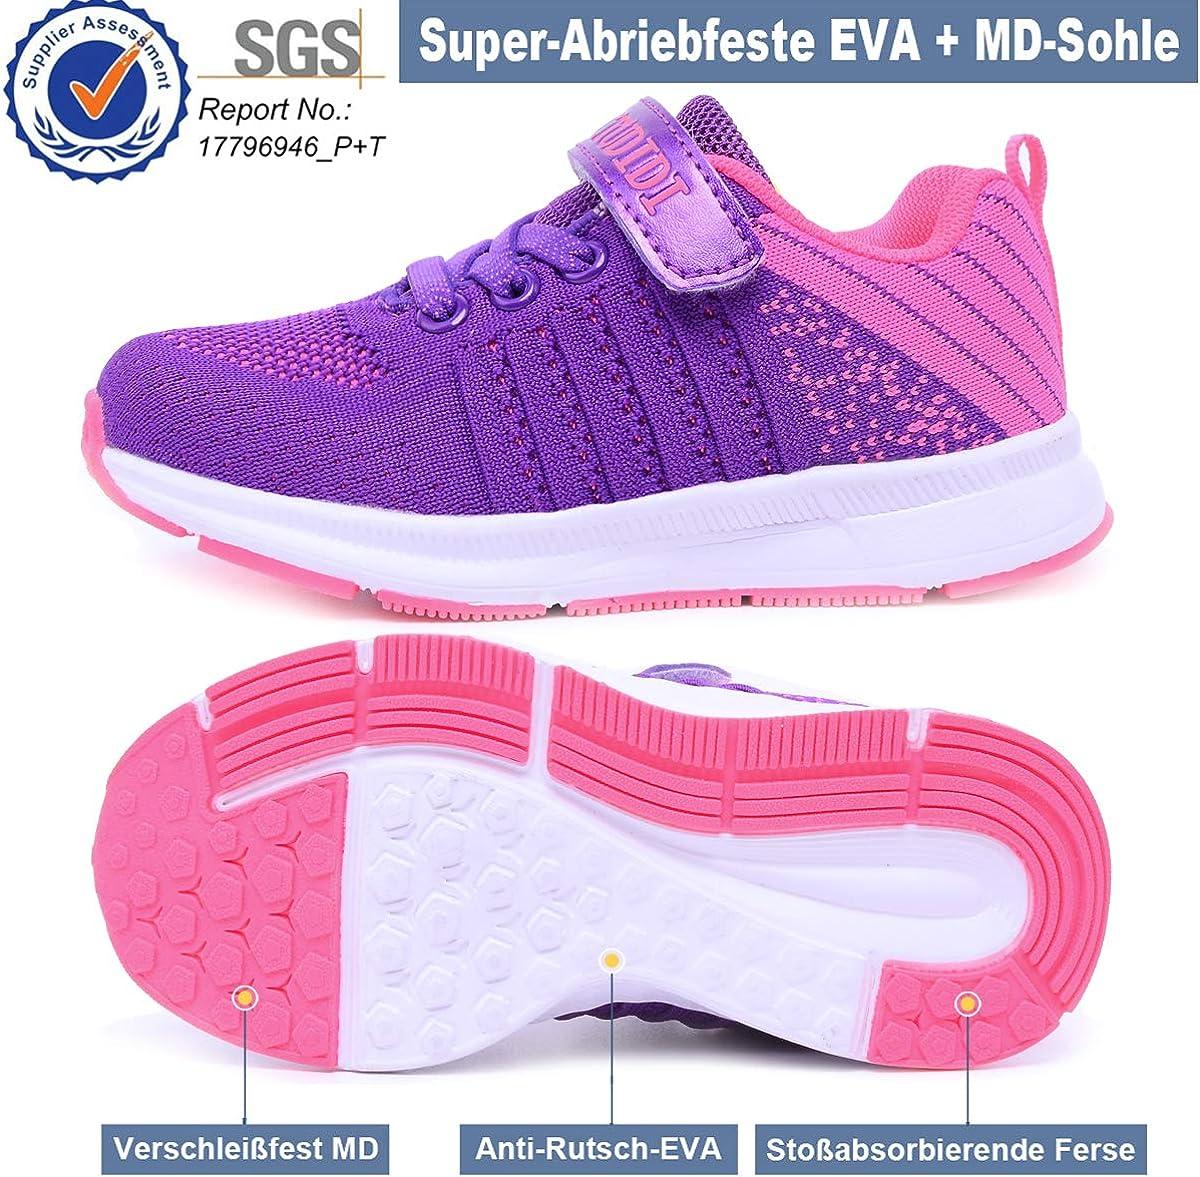 Chaussures de Sport Enfant Baskets Basses Fille Sneakers Gar/çon Mode Chaussure de Course Outdoor Running Comp/étition Entra/înement